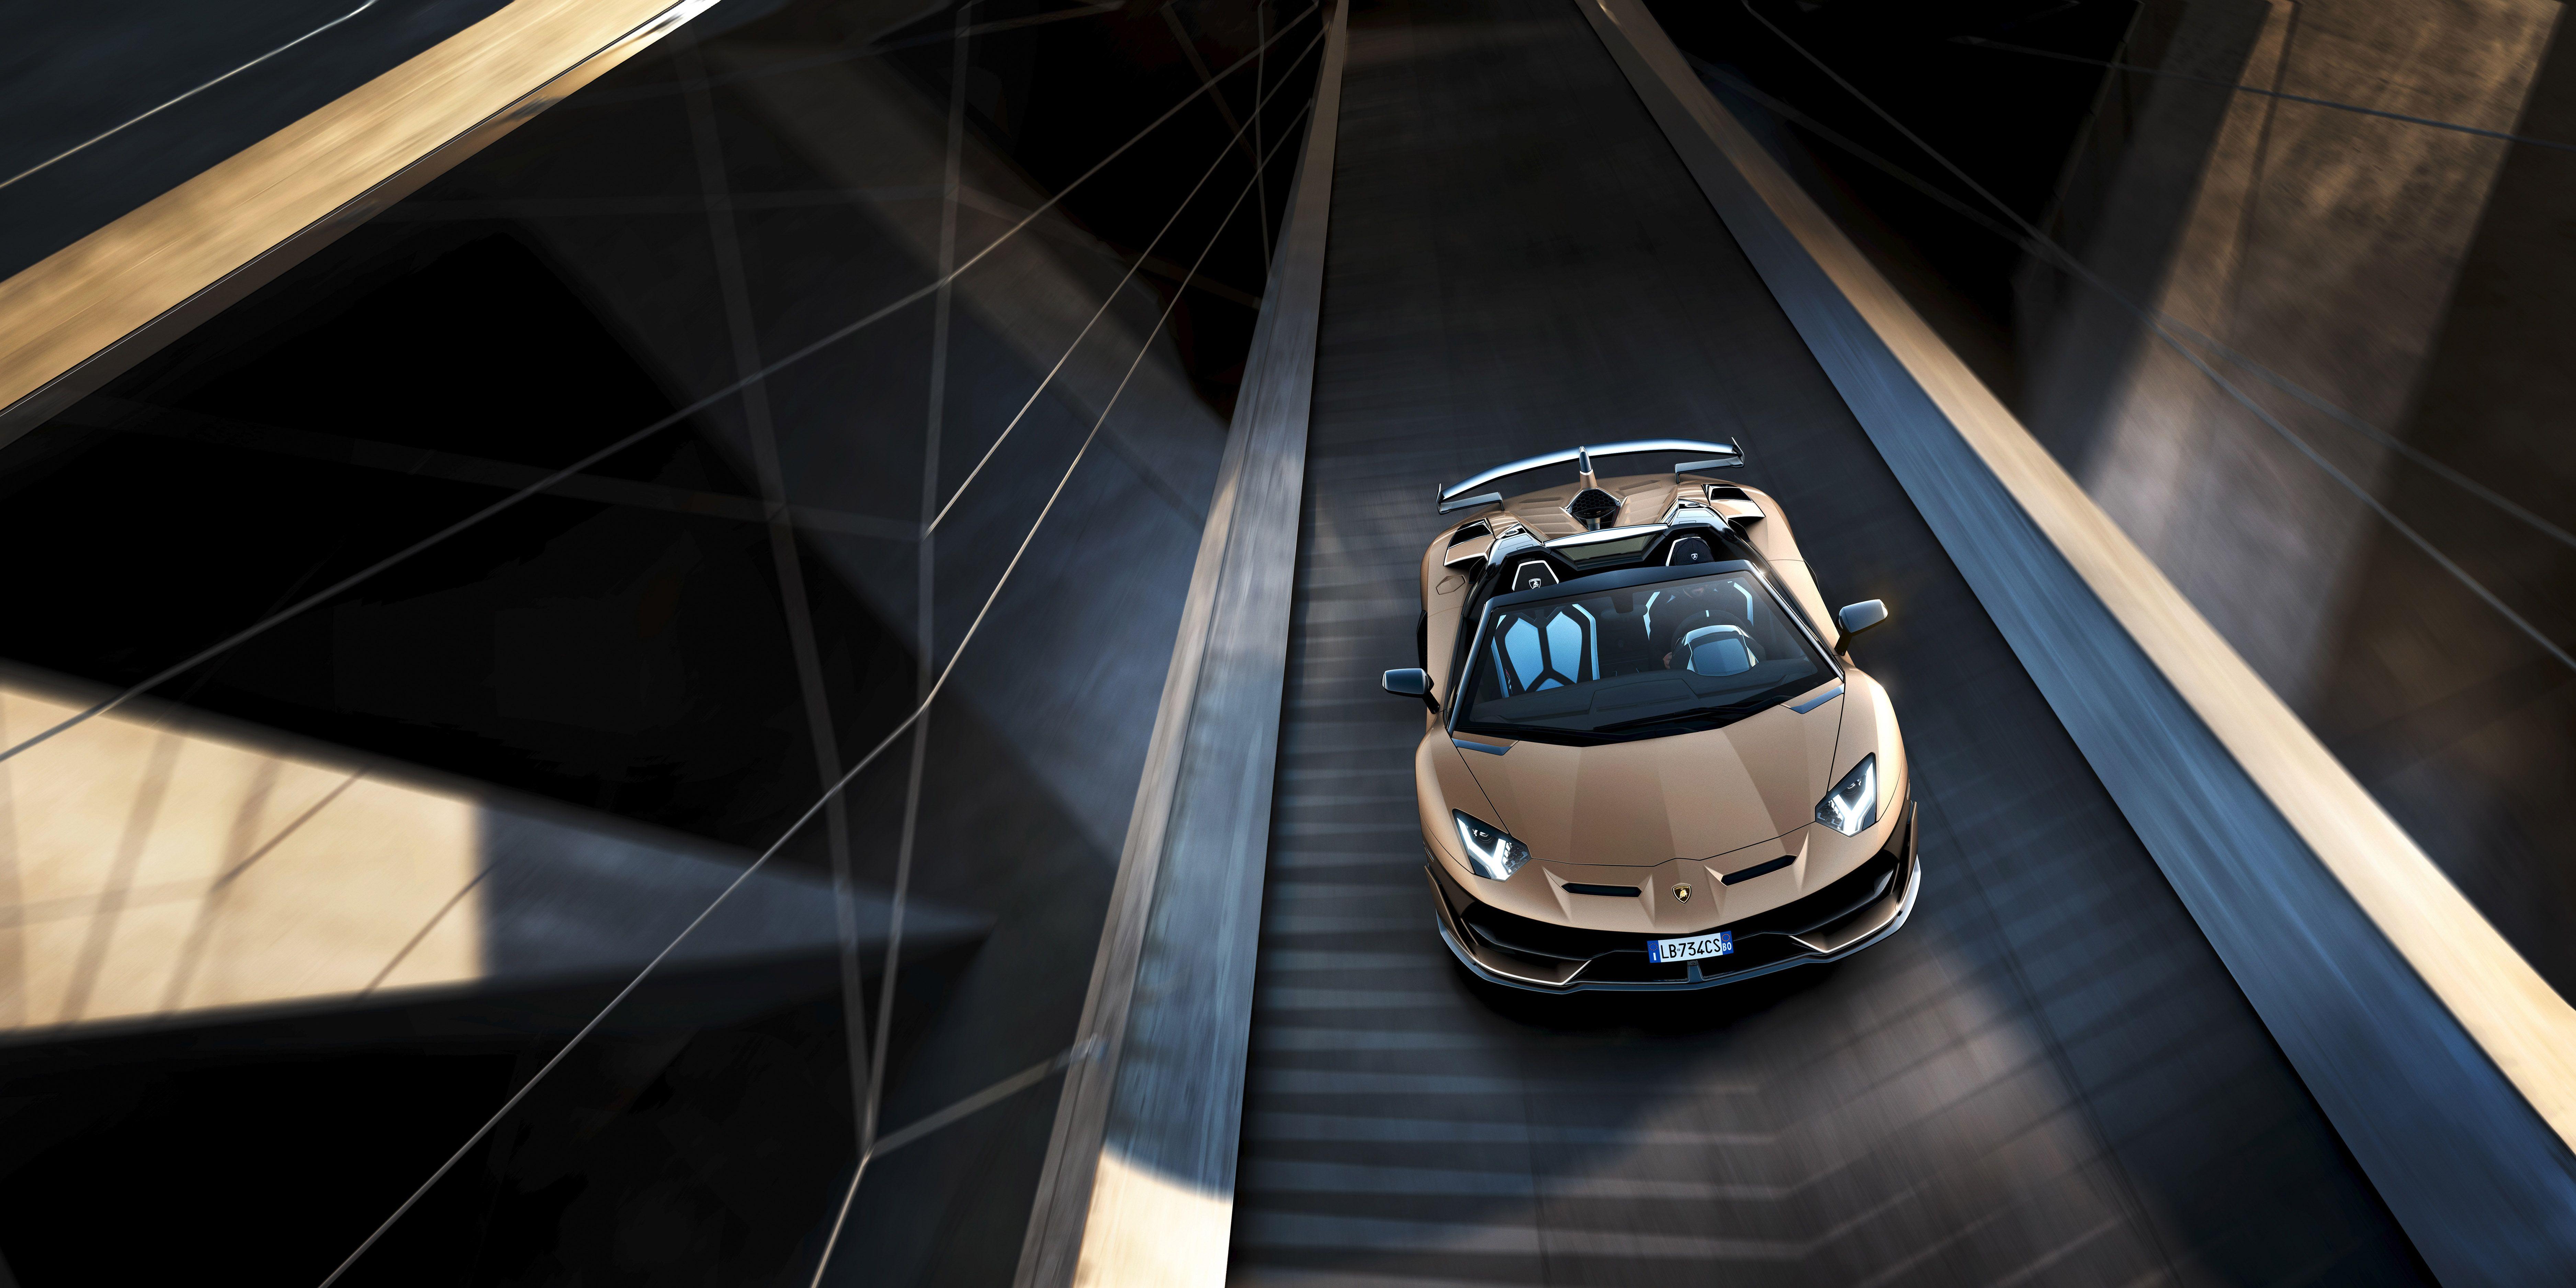 Lamborghini Aventador SVJ Roadster , 759 Roofless Horsepower